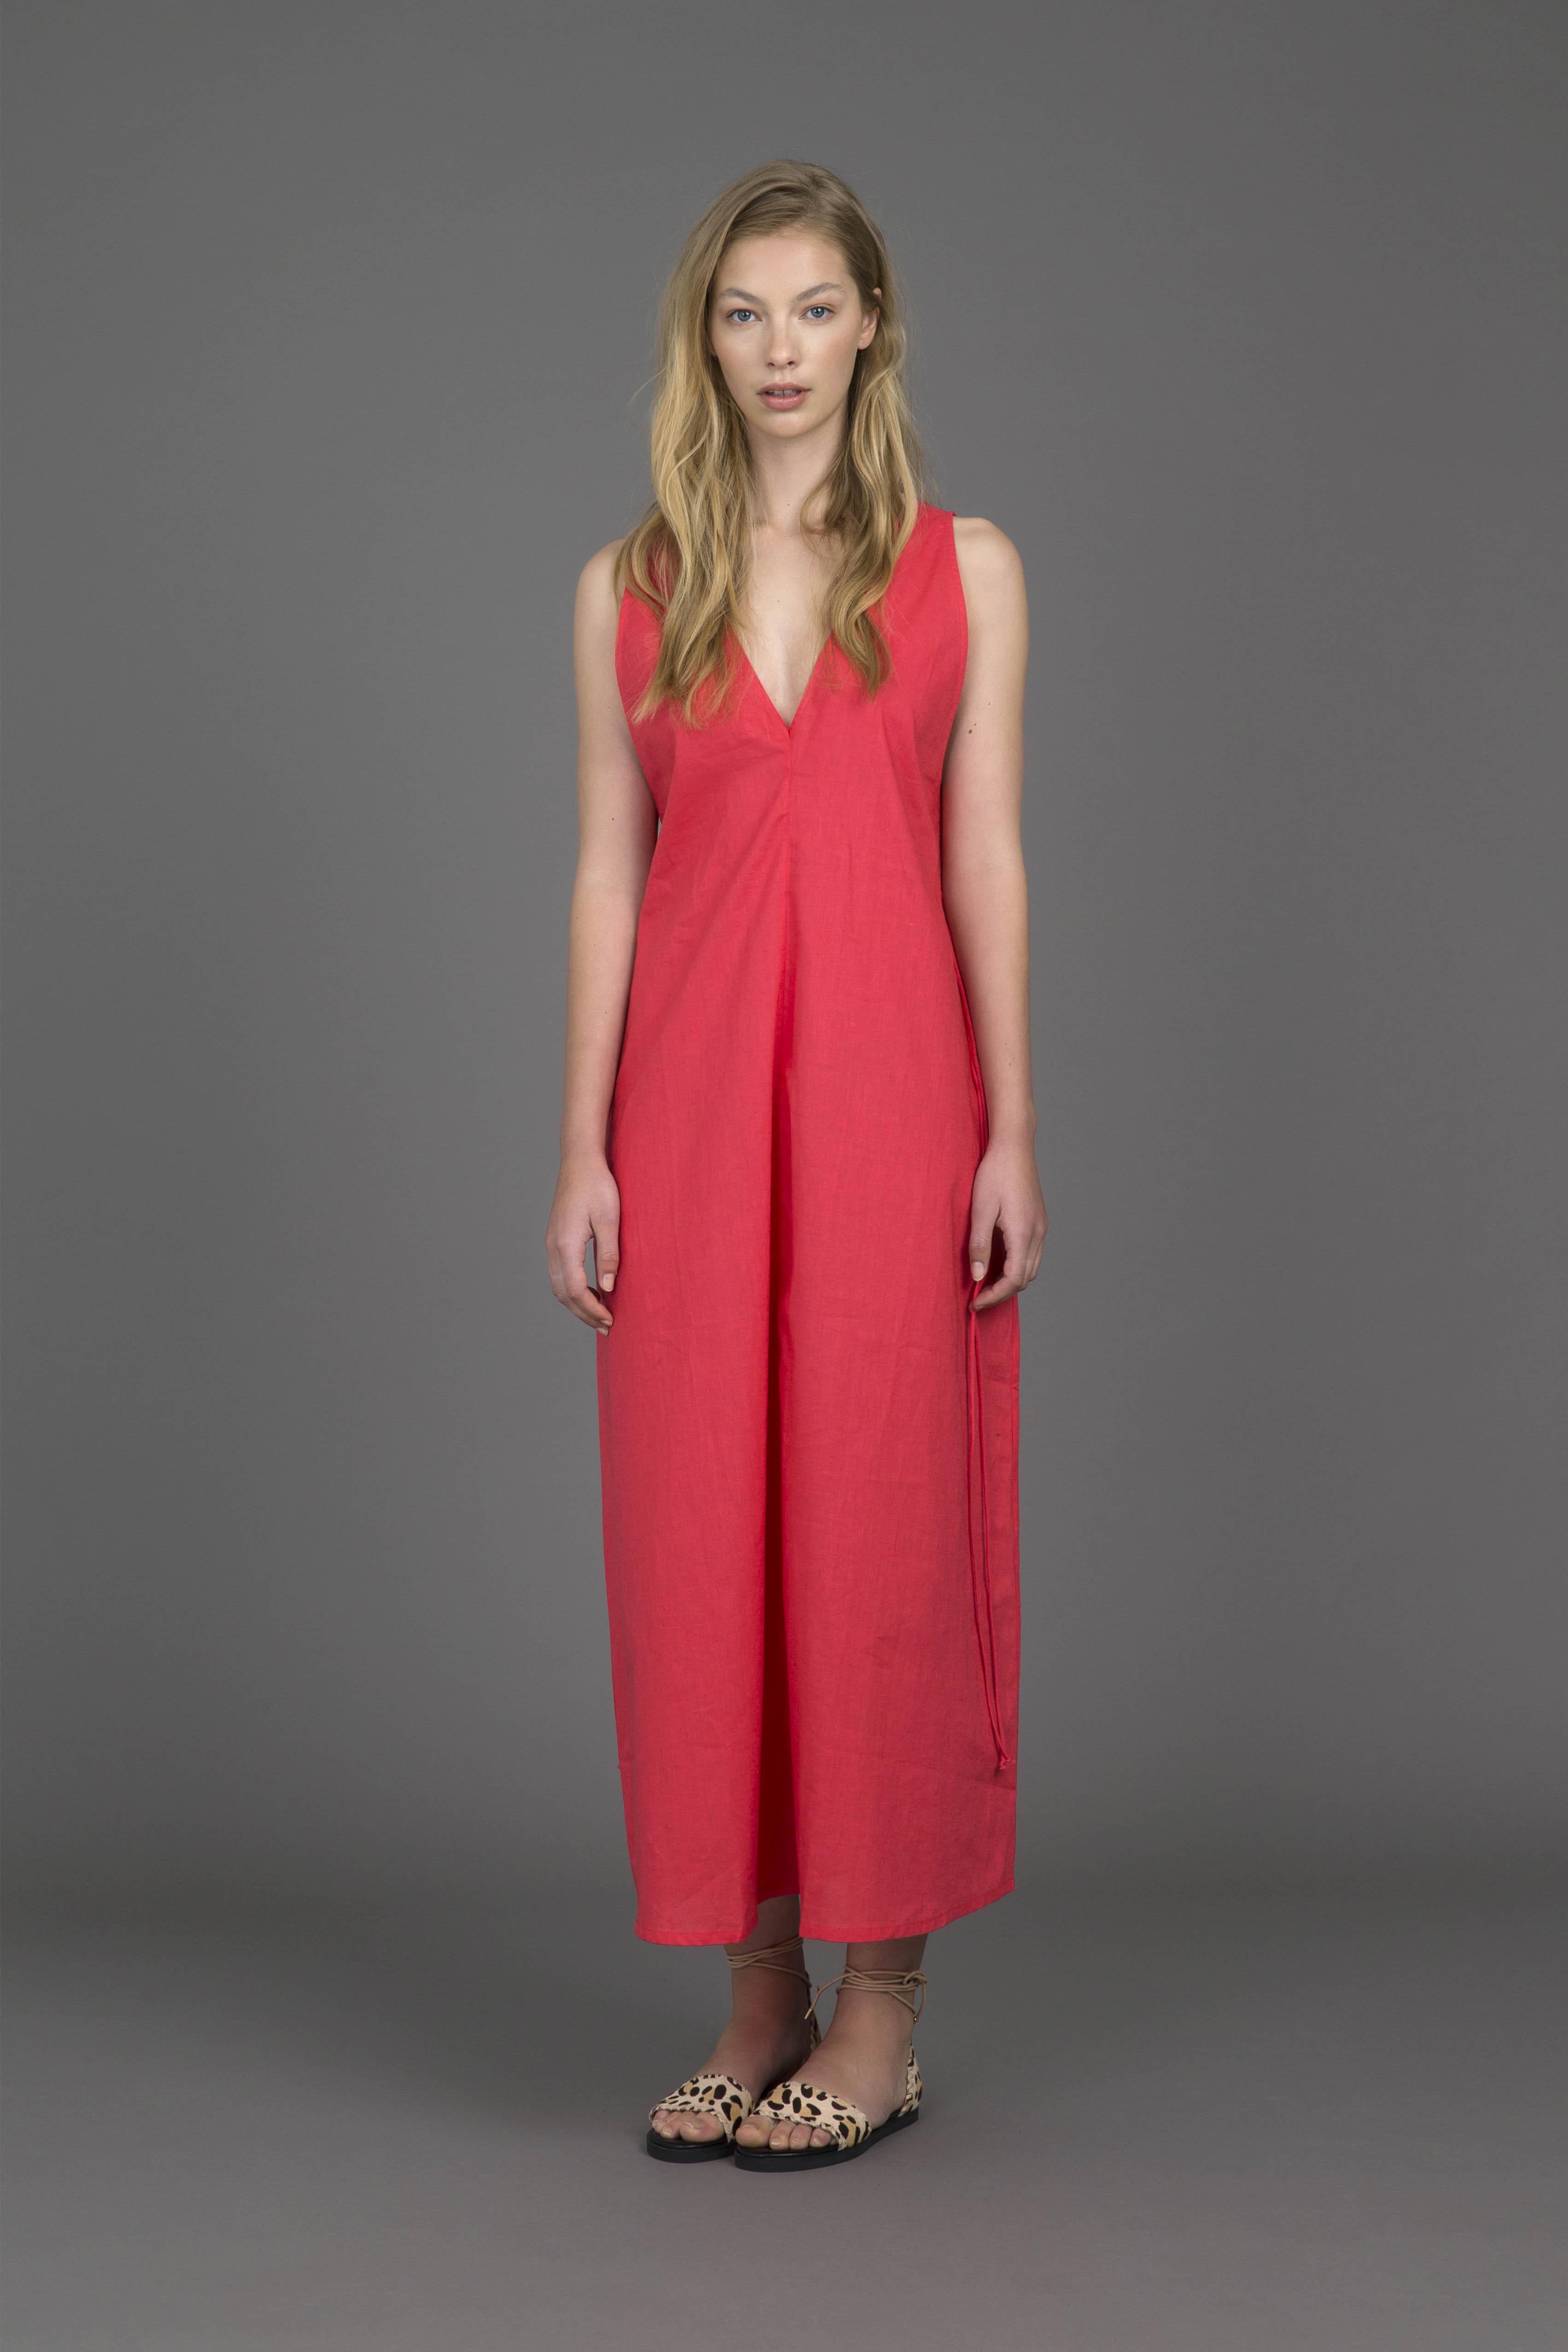 ruby-bahati-long-dress